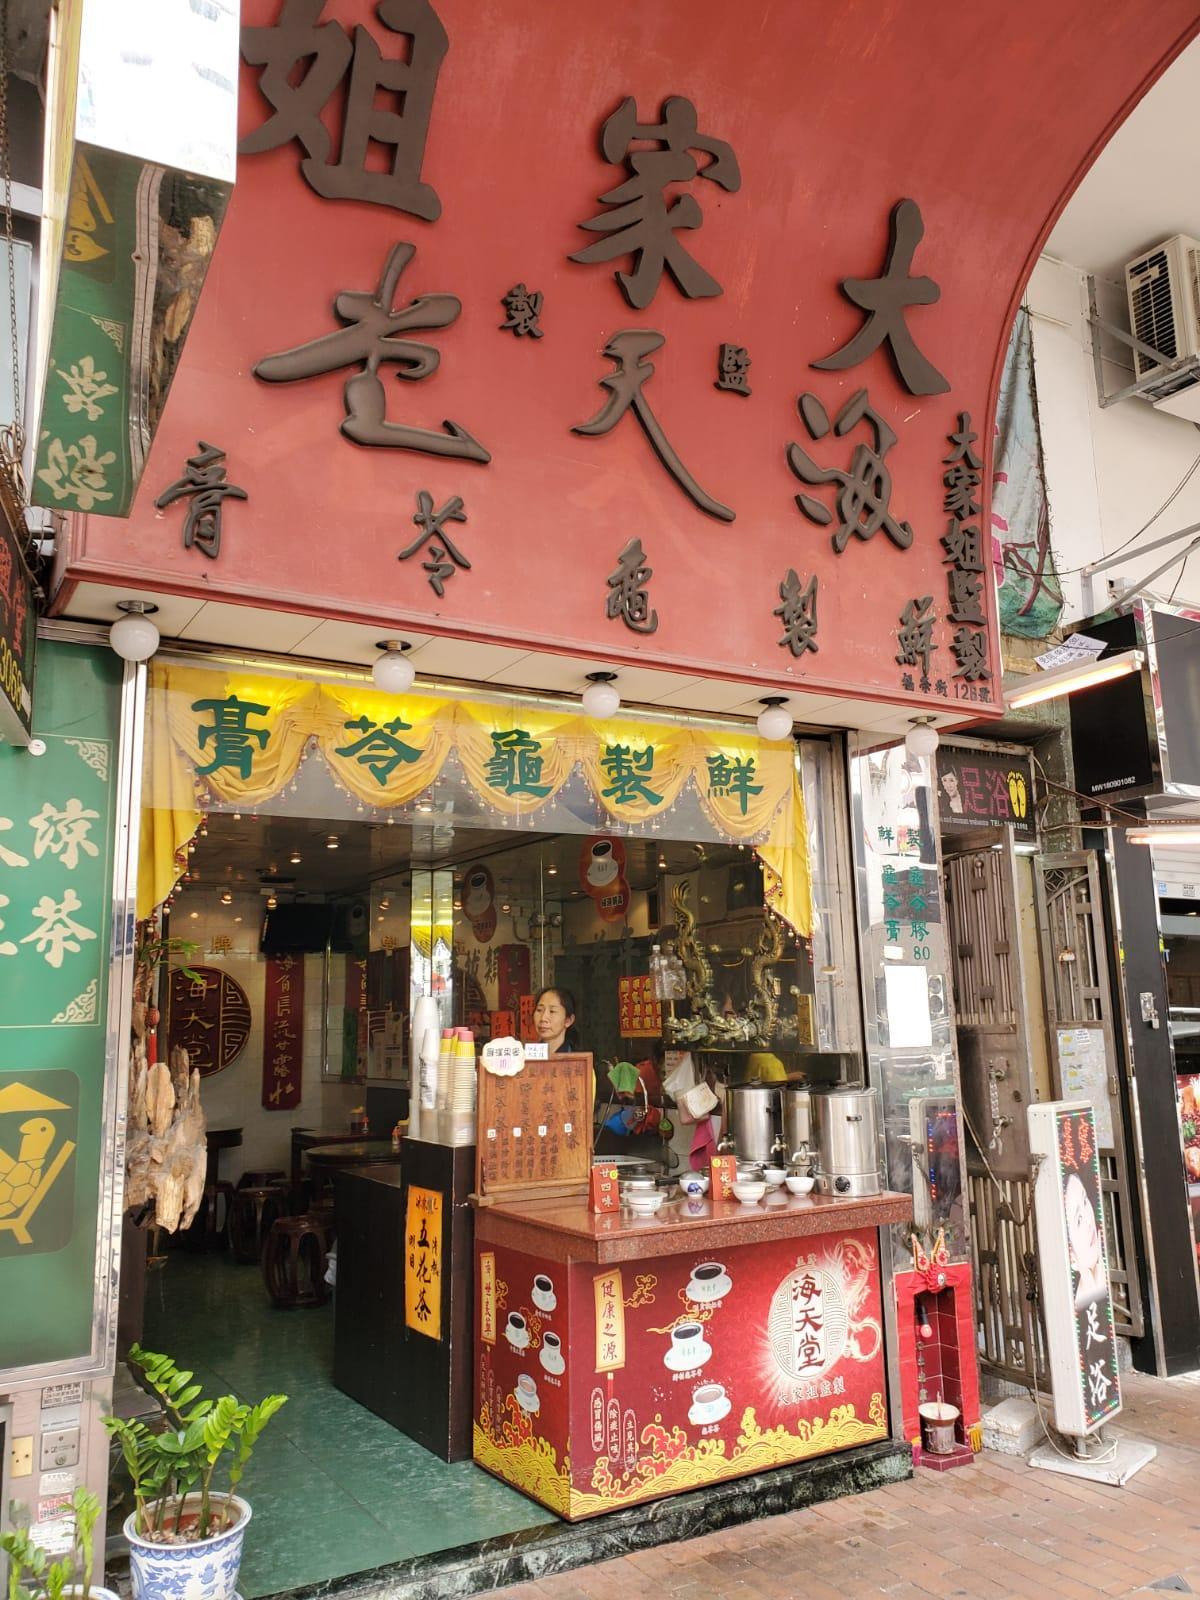 司機駕車至福榮街126號一間涼茶店對開時,報警求助。 梁國峰攝